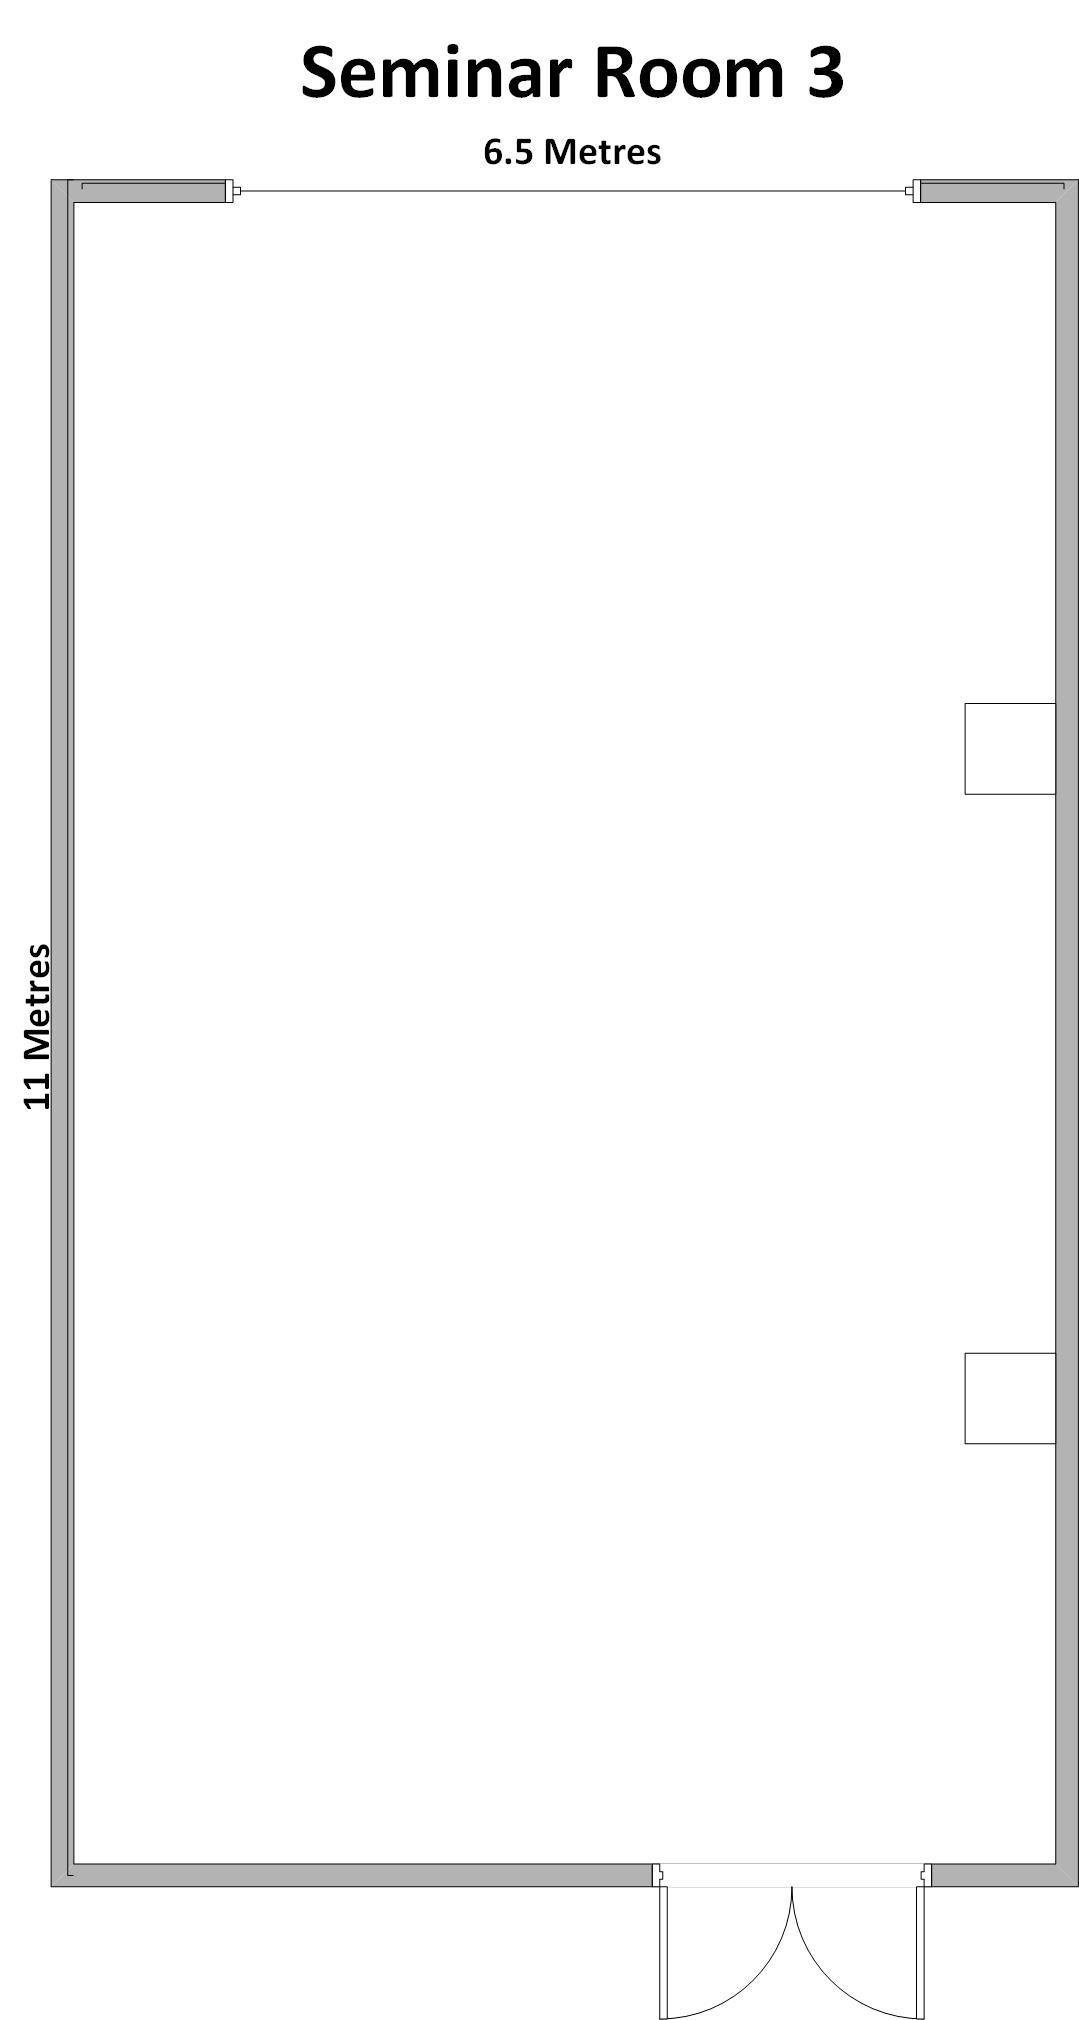 Seminar 3 Floor Plan.jpg